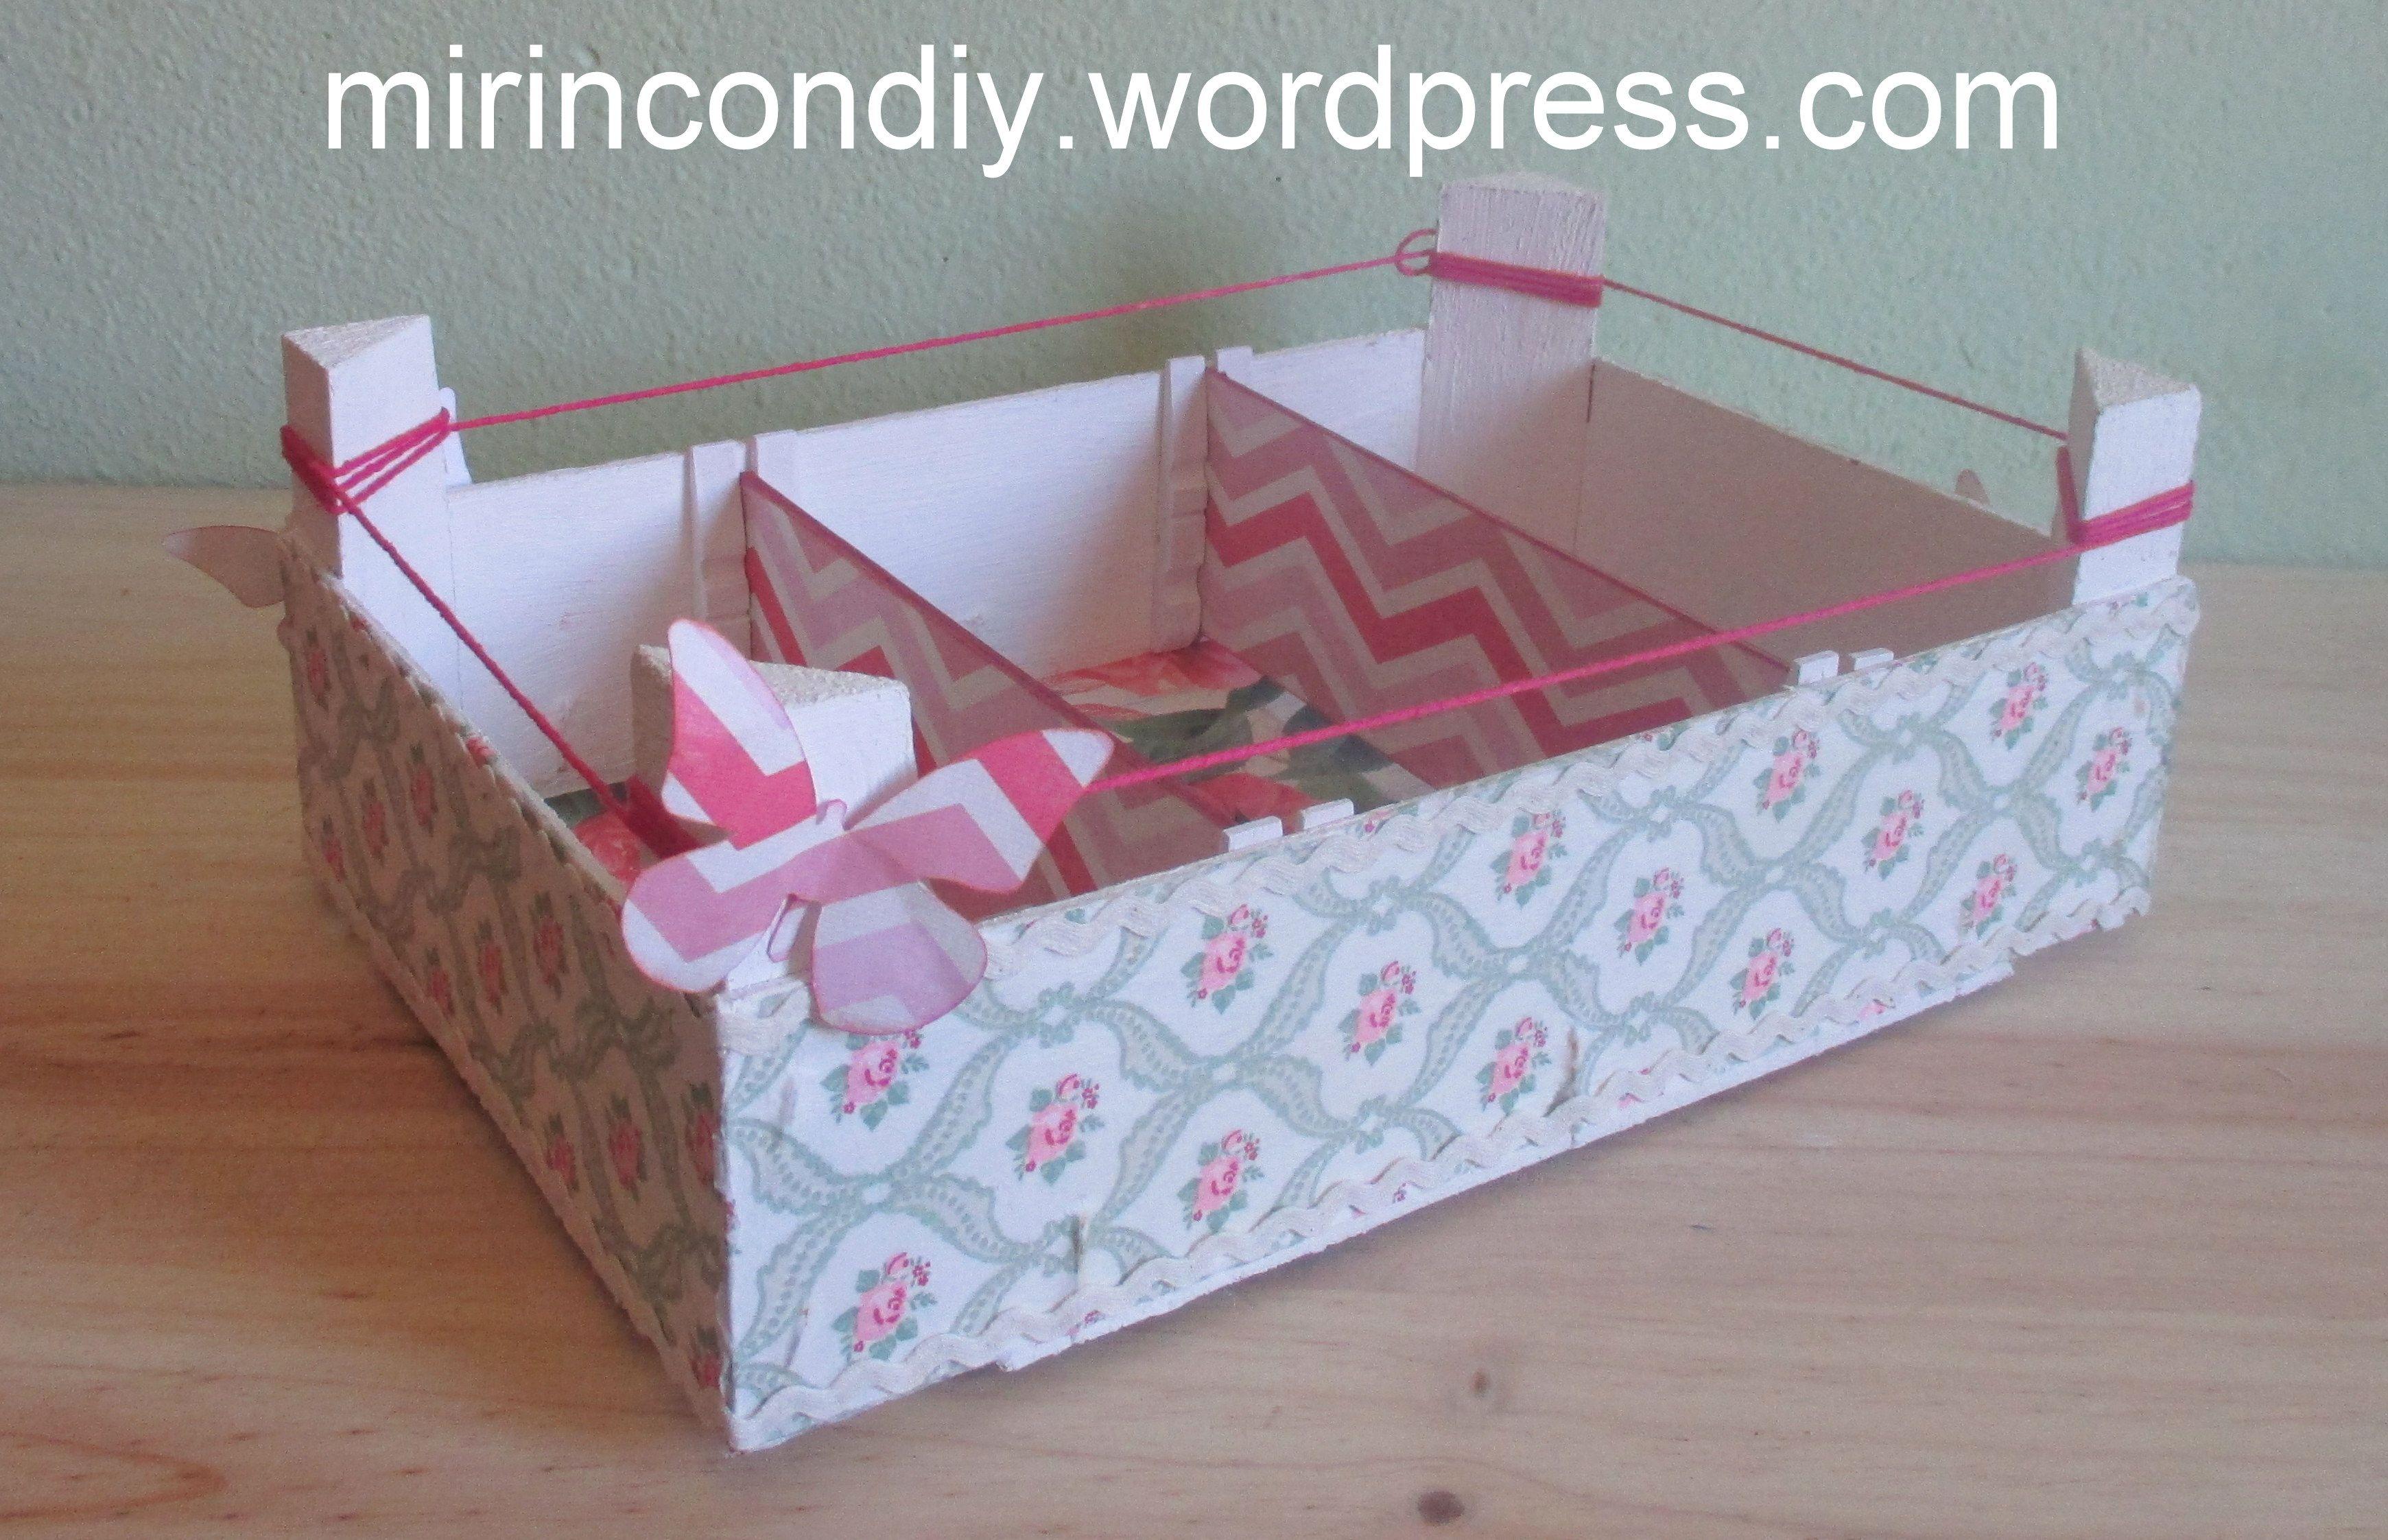 Cajas de fresas decoradas cerca amb google caixes - Decorar cajas de madera manualidades ...